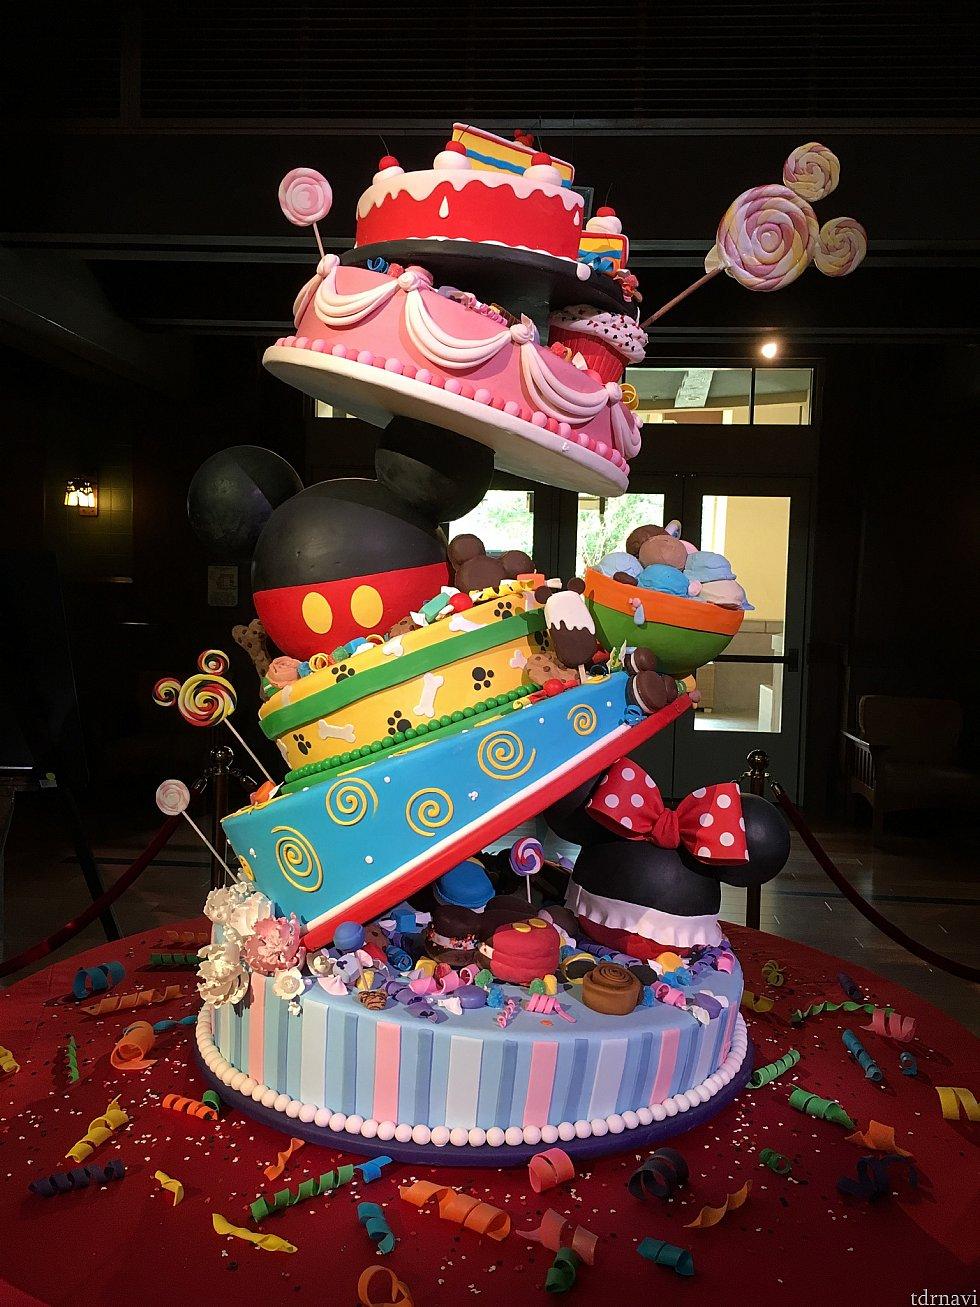 [GRAND CALIFORNIAN HOTEL & SPA]のロビーにあるBIRTHDAY CAKE